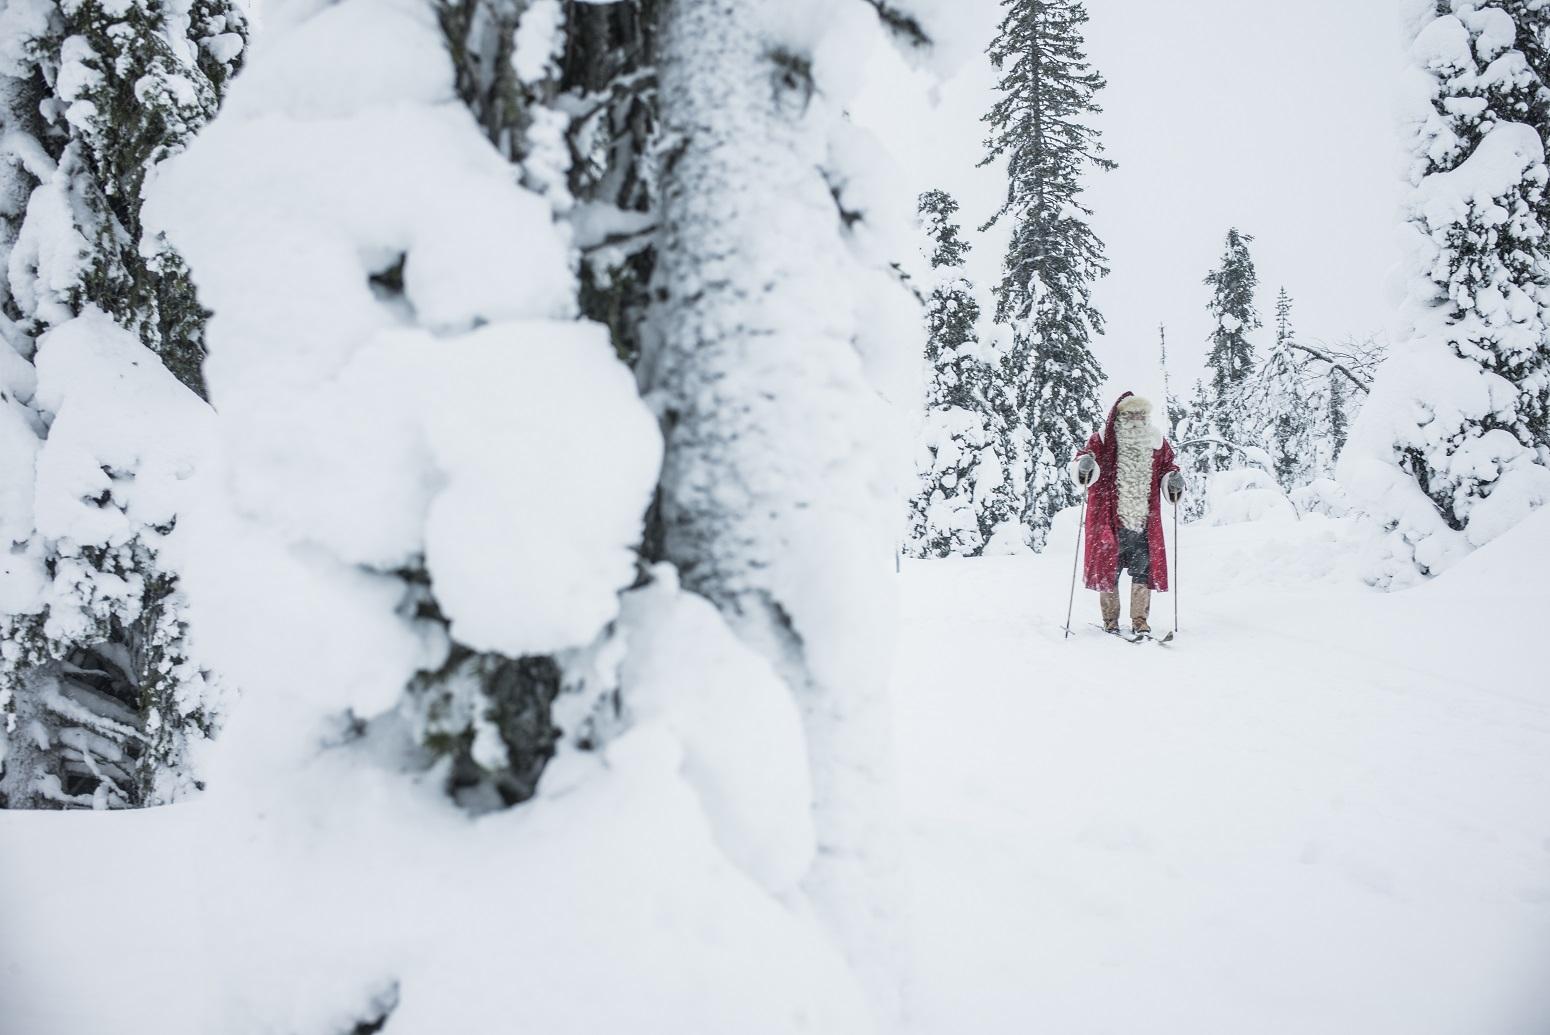 kuusamo esqui santa claus laponia